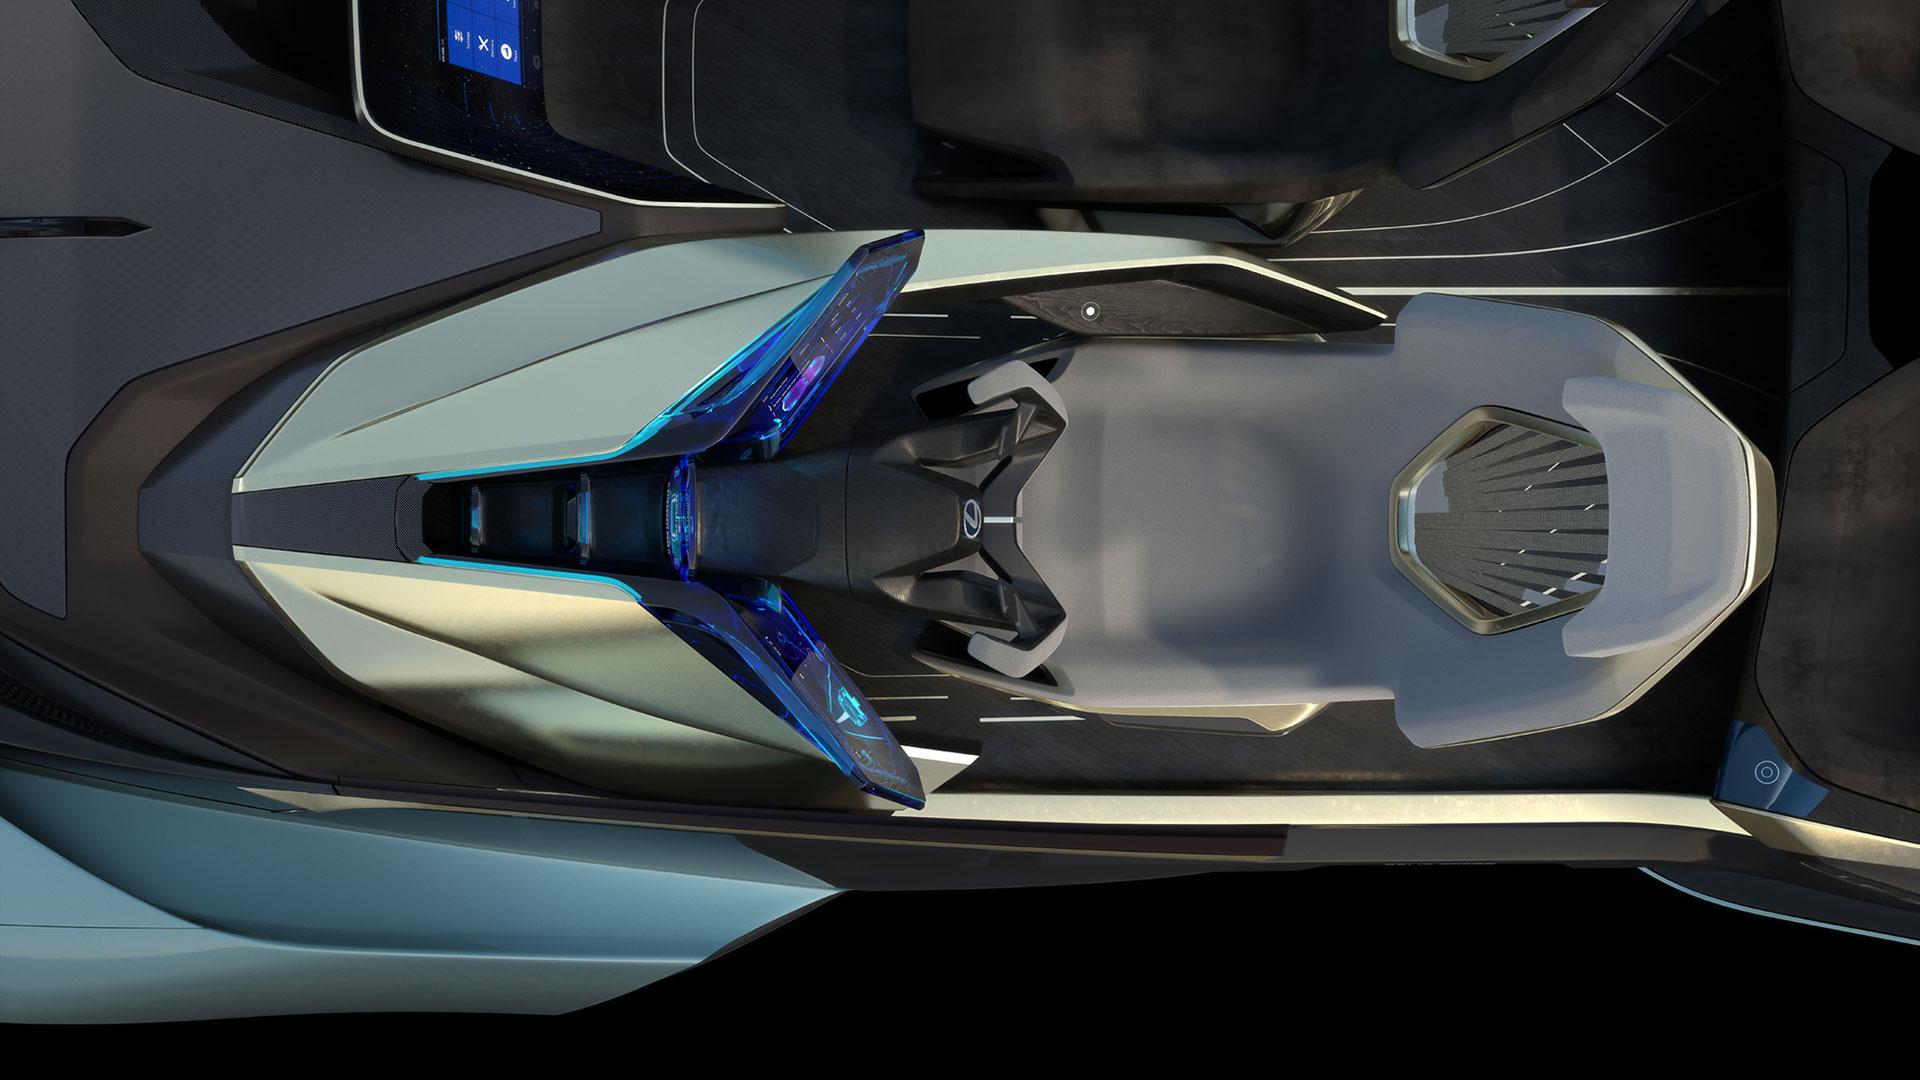 「鉱石のような塊感! レクサスの電動化ビジョンを象徴するコンセプトモデル「LF-30 Electrified」を公開【東京モーターショー2019】」の18枚目の画像